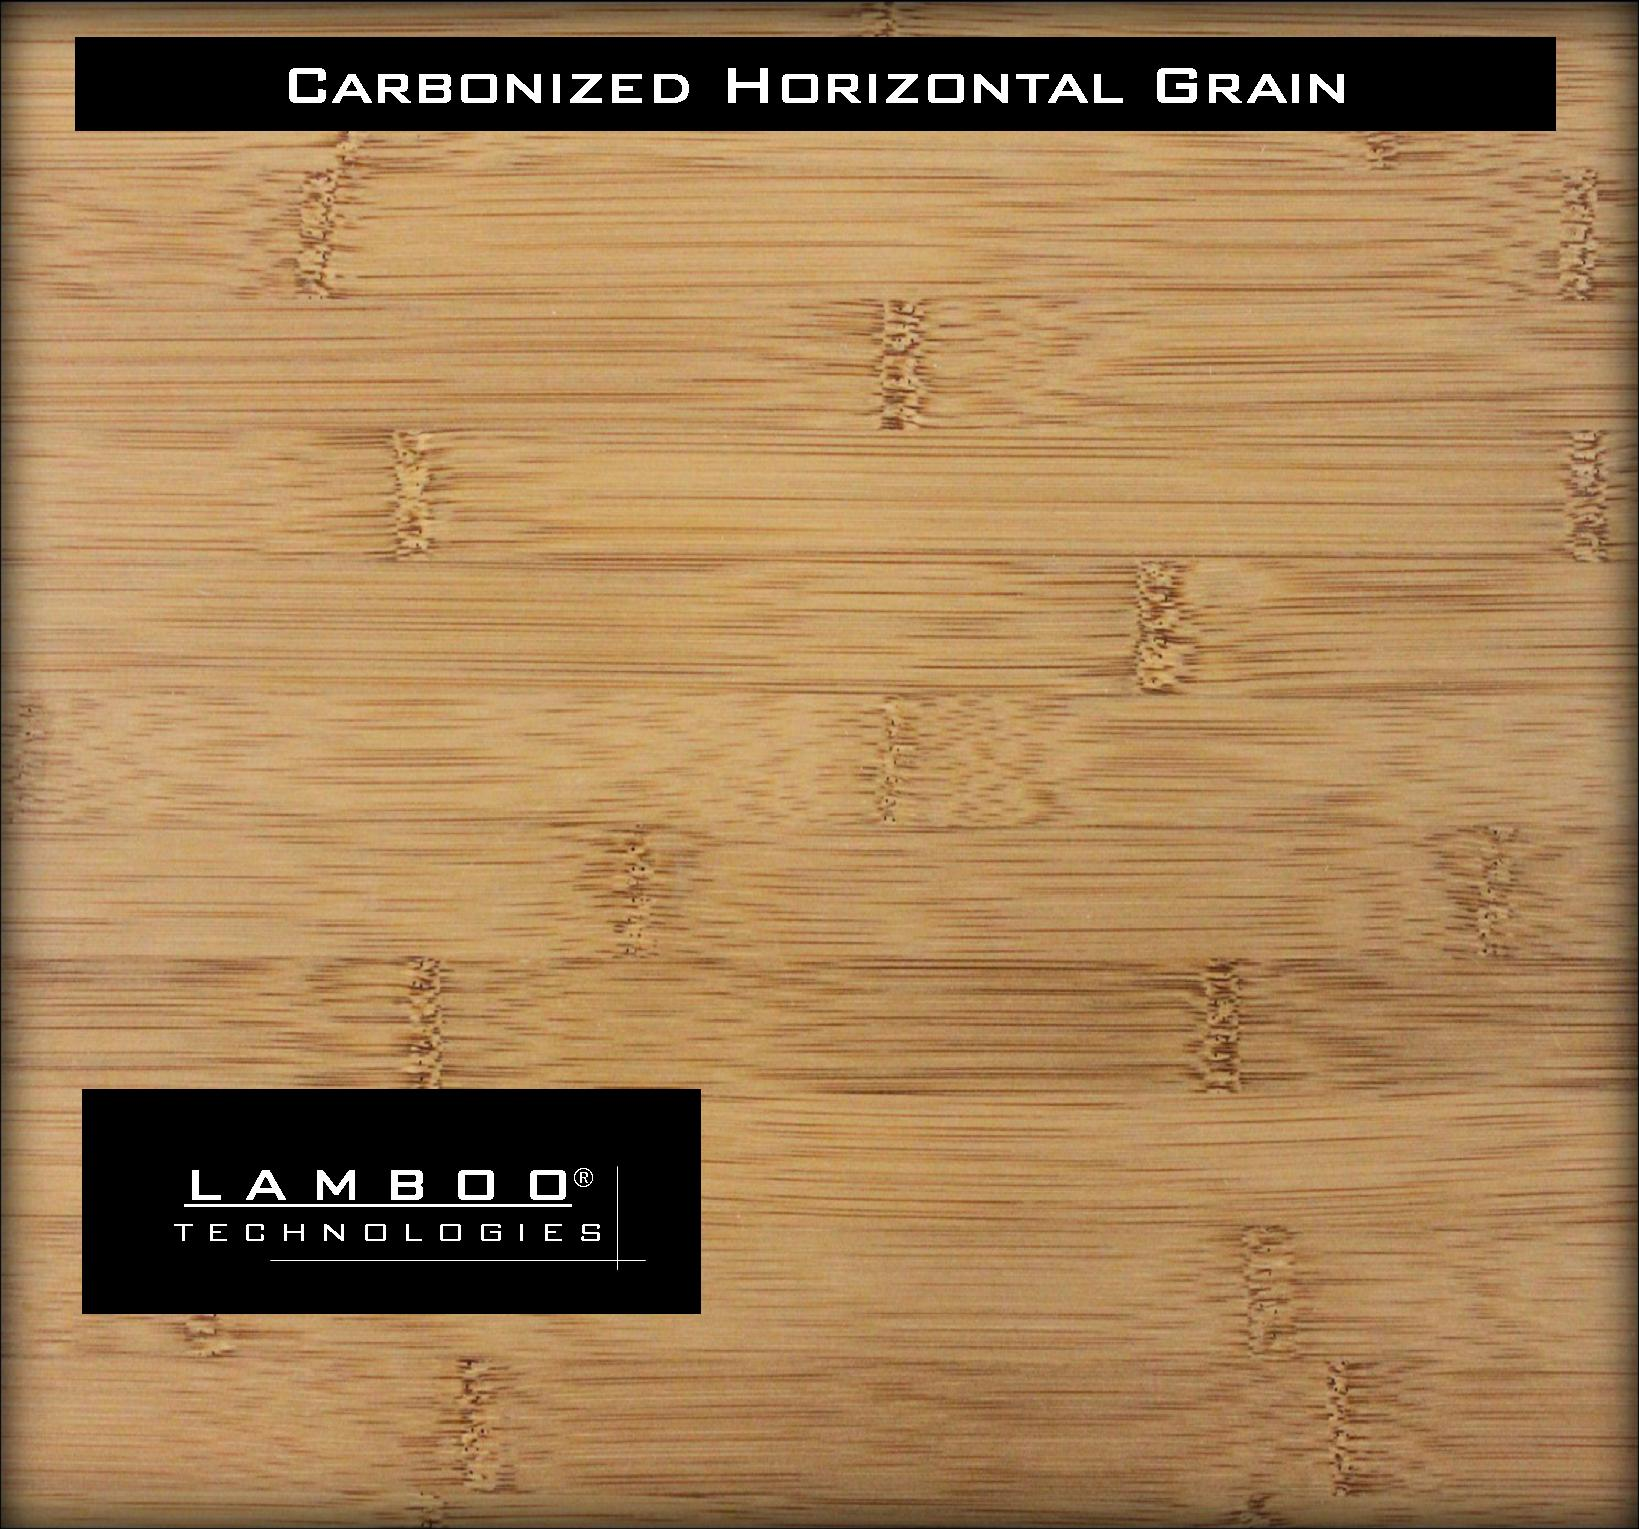 Lamboo Carbonized Horizontal Grain Engineered Bamboo